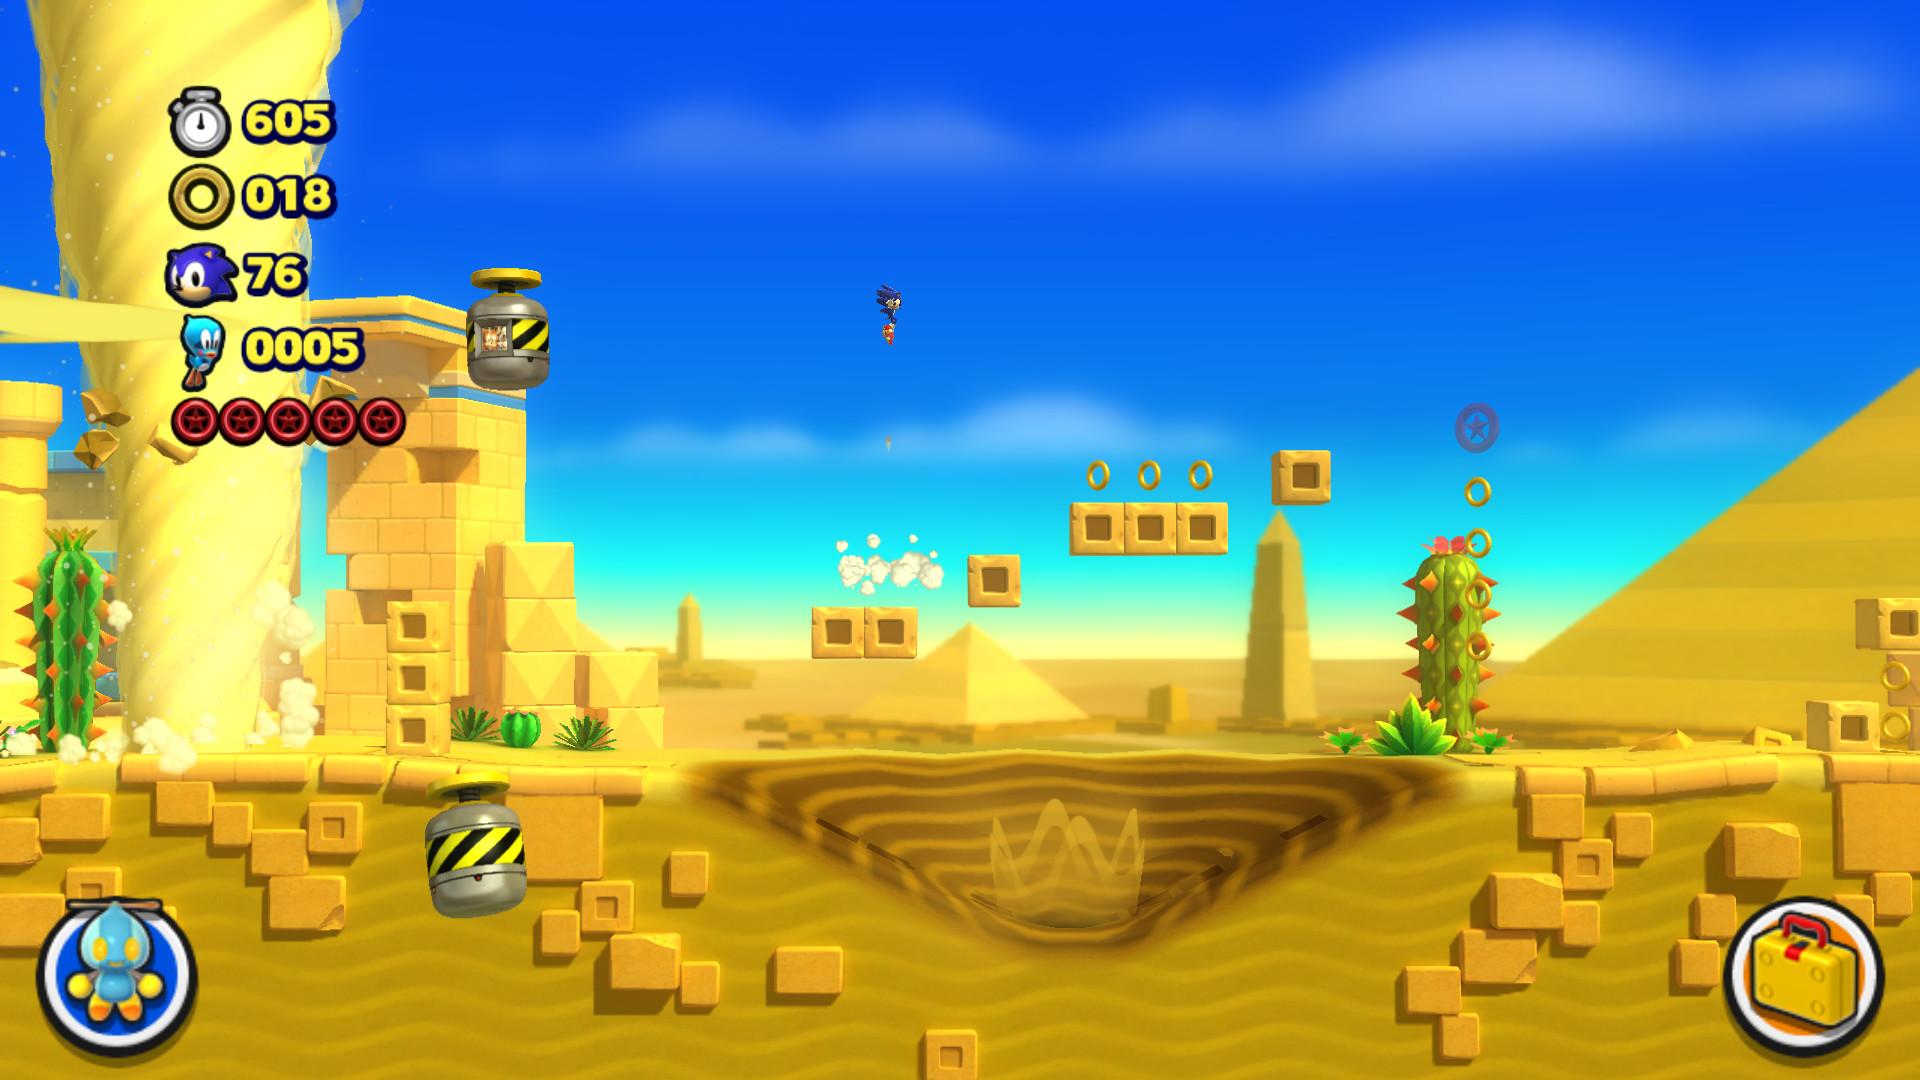 Sonic Lost World ESPAÑOL PC Full (CODEX) + REPACK 2 DVD5 (JPW) 2